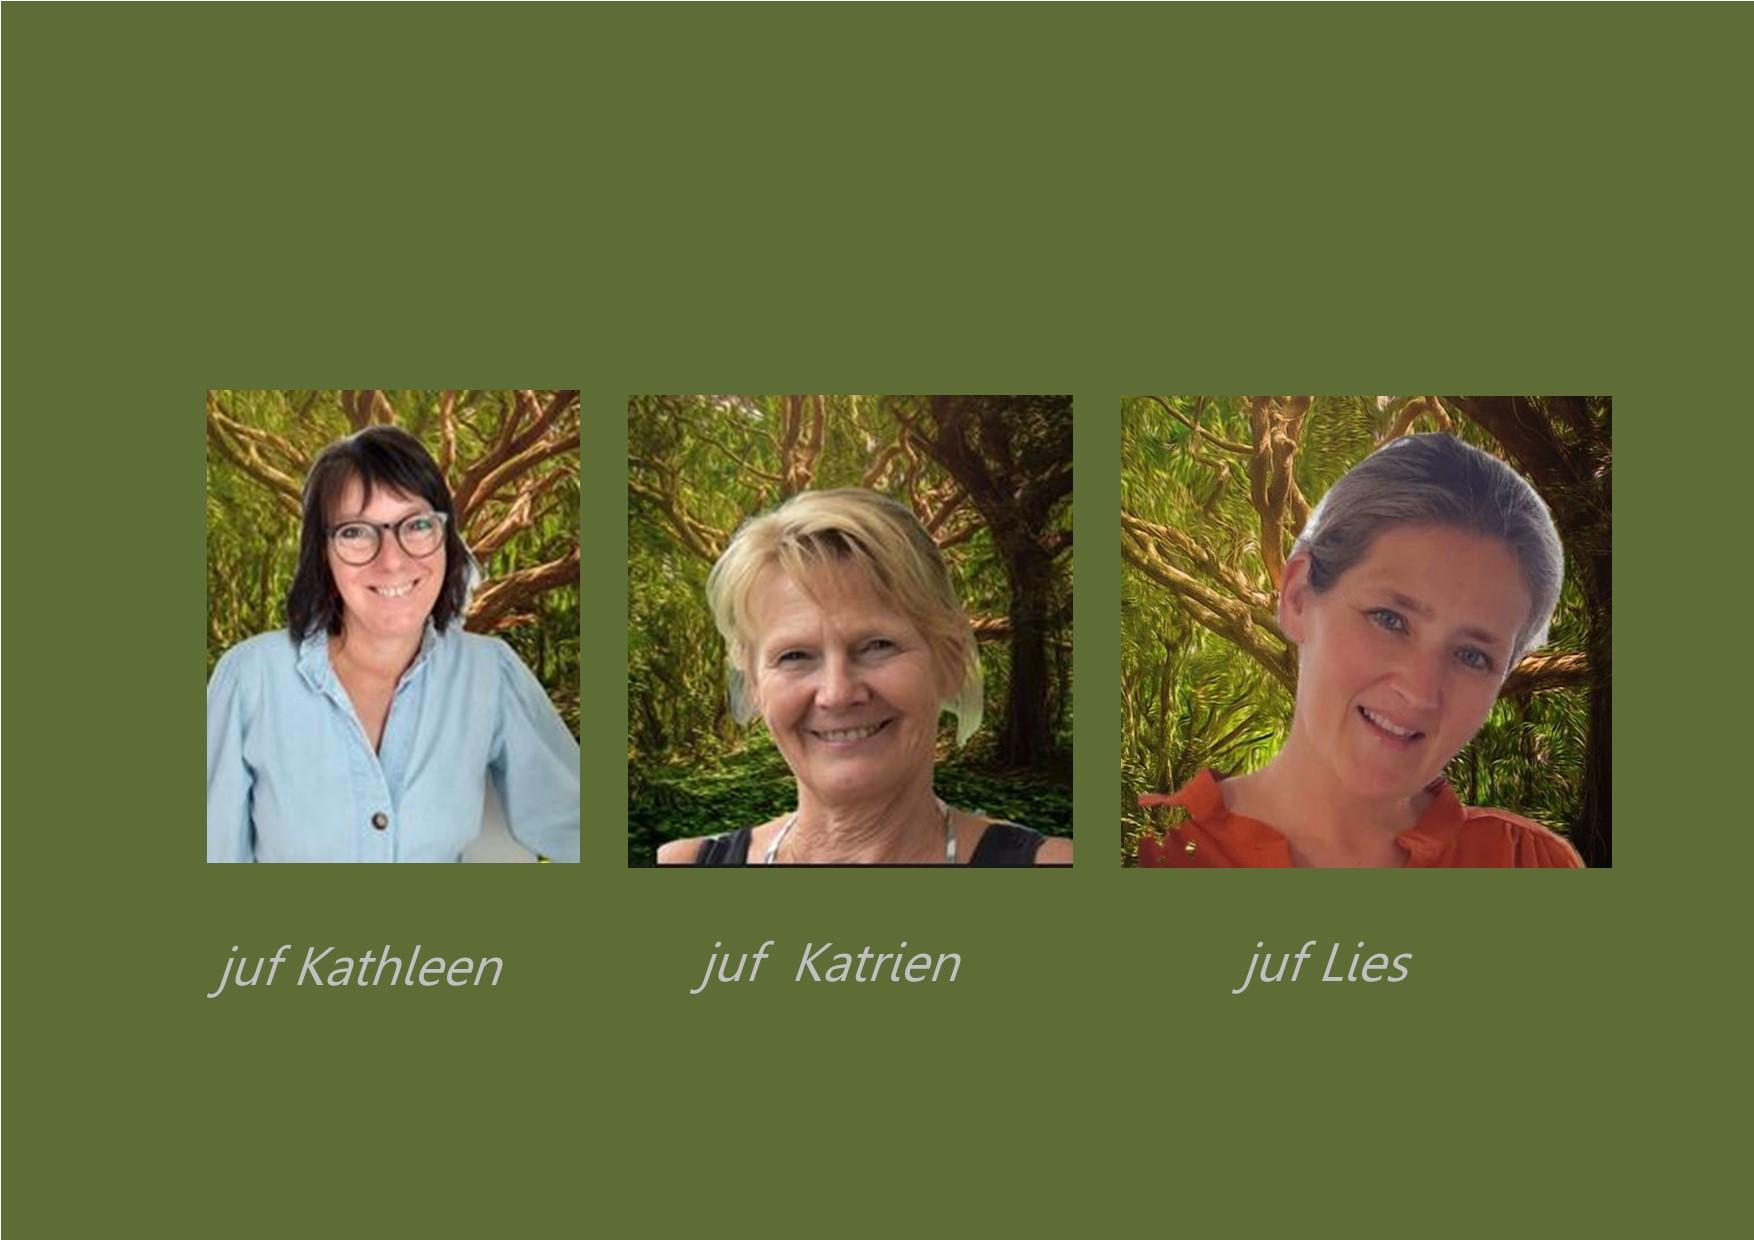 <p>2K: olifantenklas: juf Kathleen, <br />co-teachers: juf Katrien en juf Lies</p>